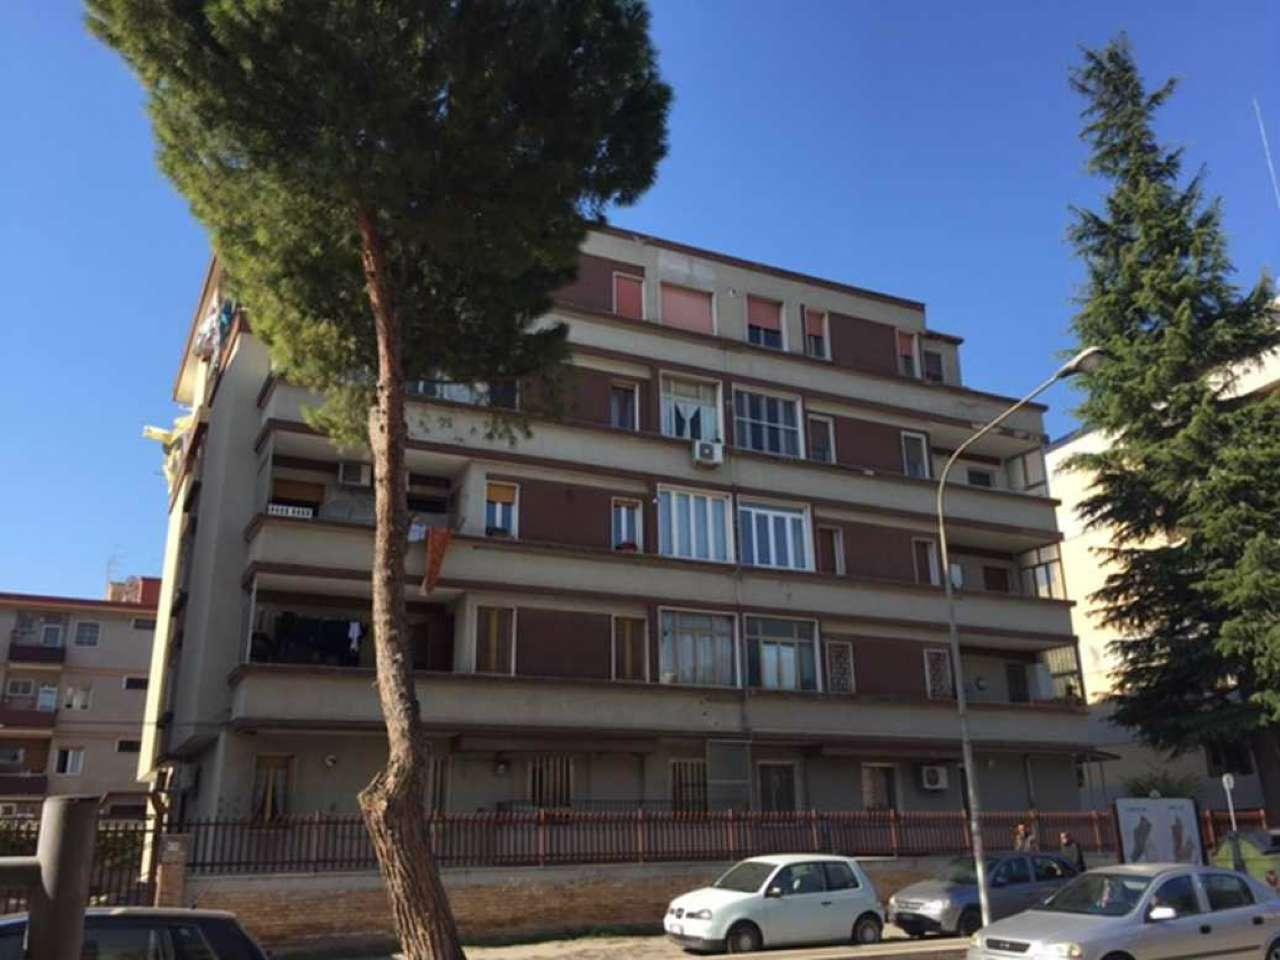 Appartamento in vendita a Foggia, 4 locali, prezzo € 125.000 | CambioCasa.it